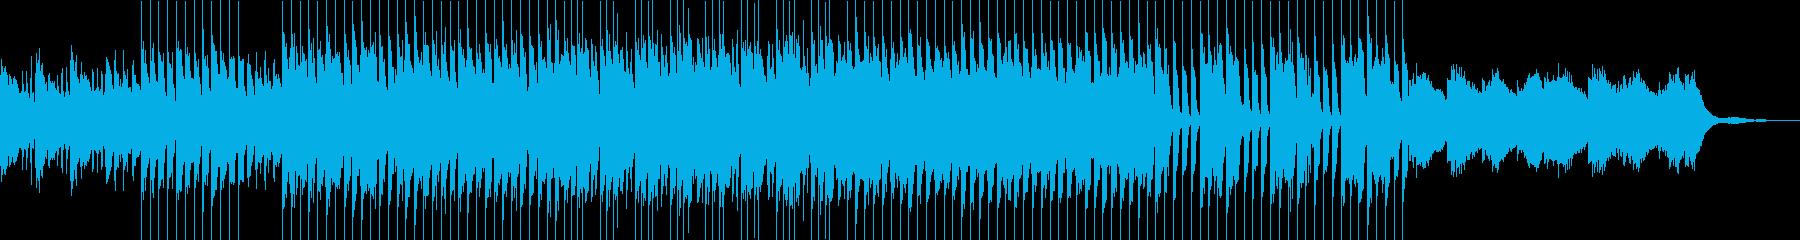 VP向け 爽やかで優しい4つ打ちの再生済みの波形